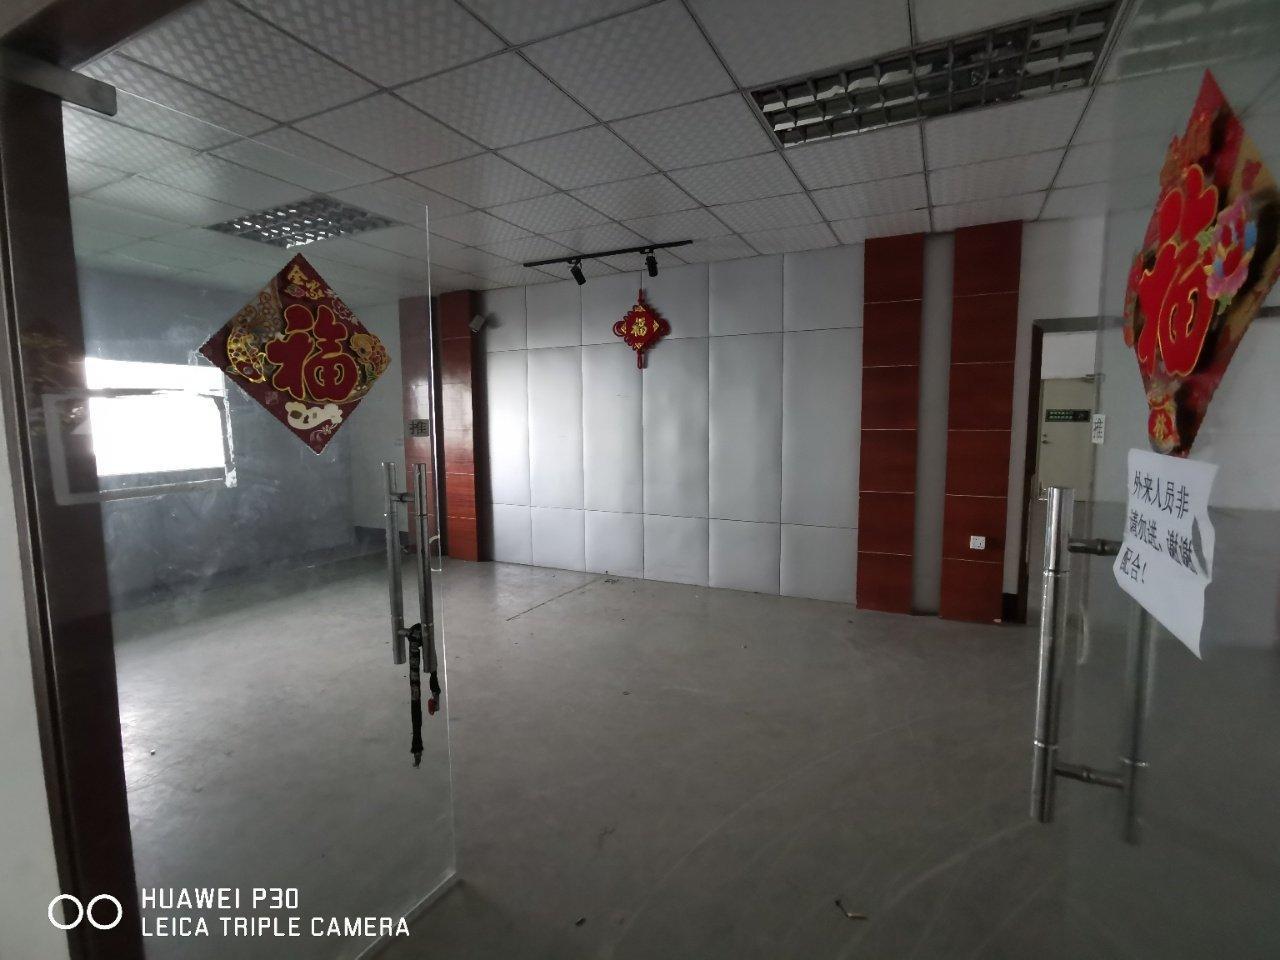 宝安区福永地铁口附近550平精装修前台,办公室车间,采光充足